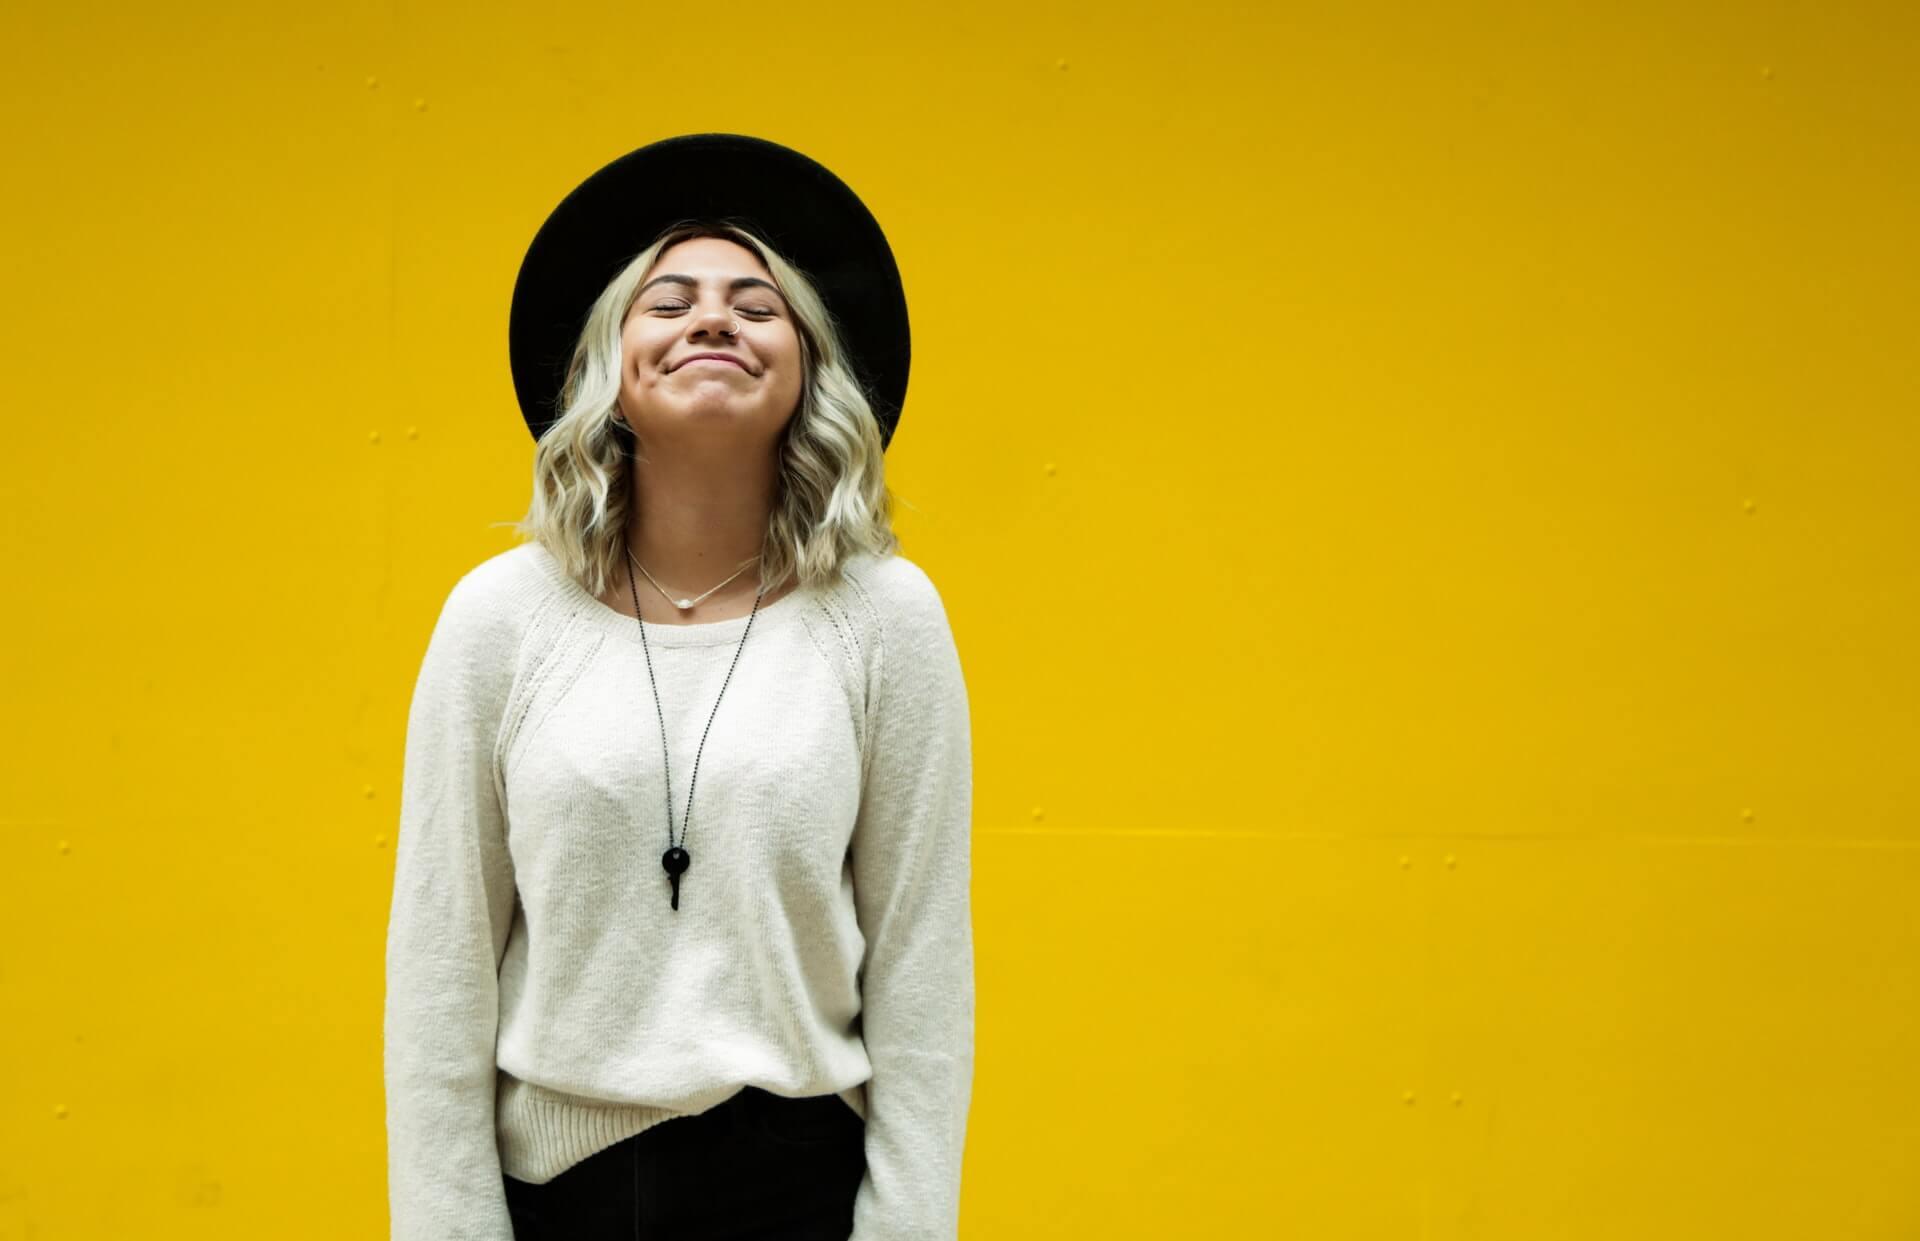 mur jaune fille chapeau sourire contente